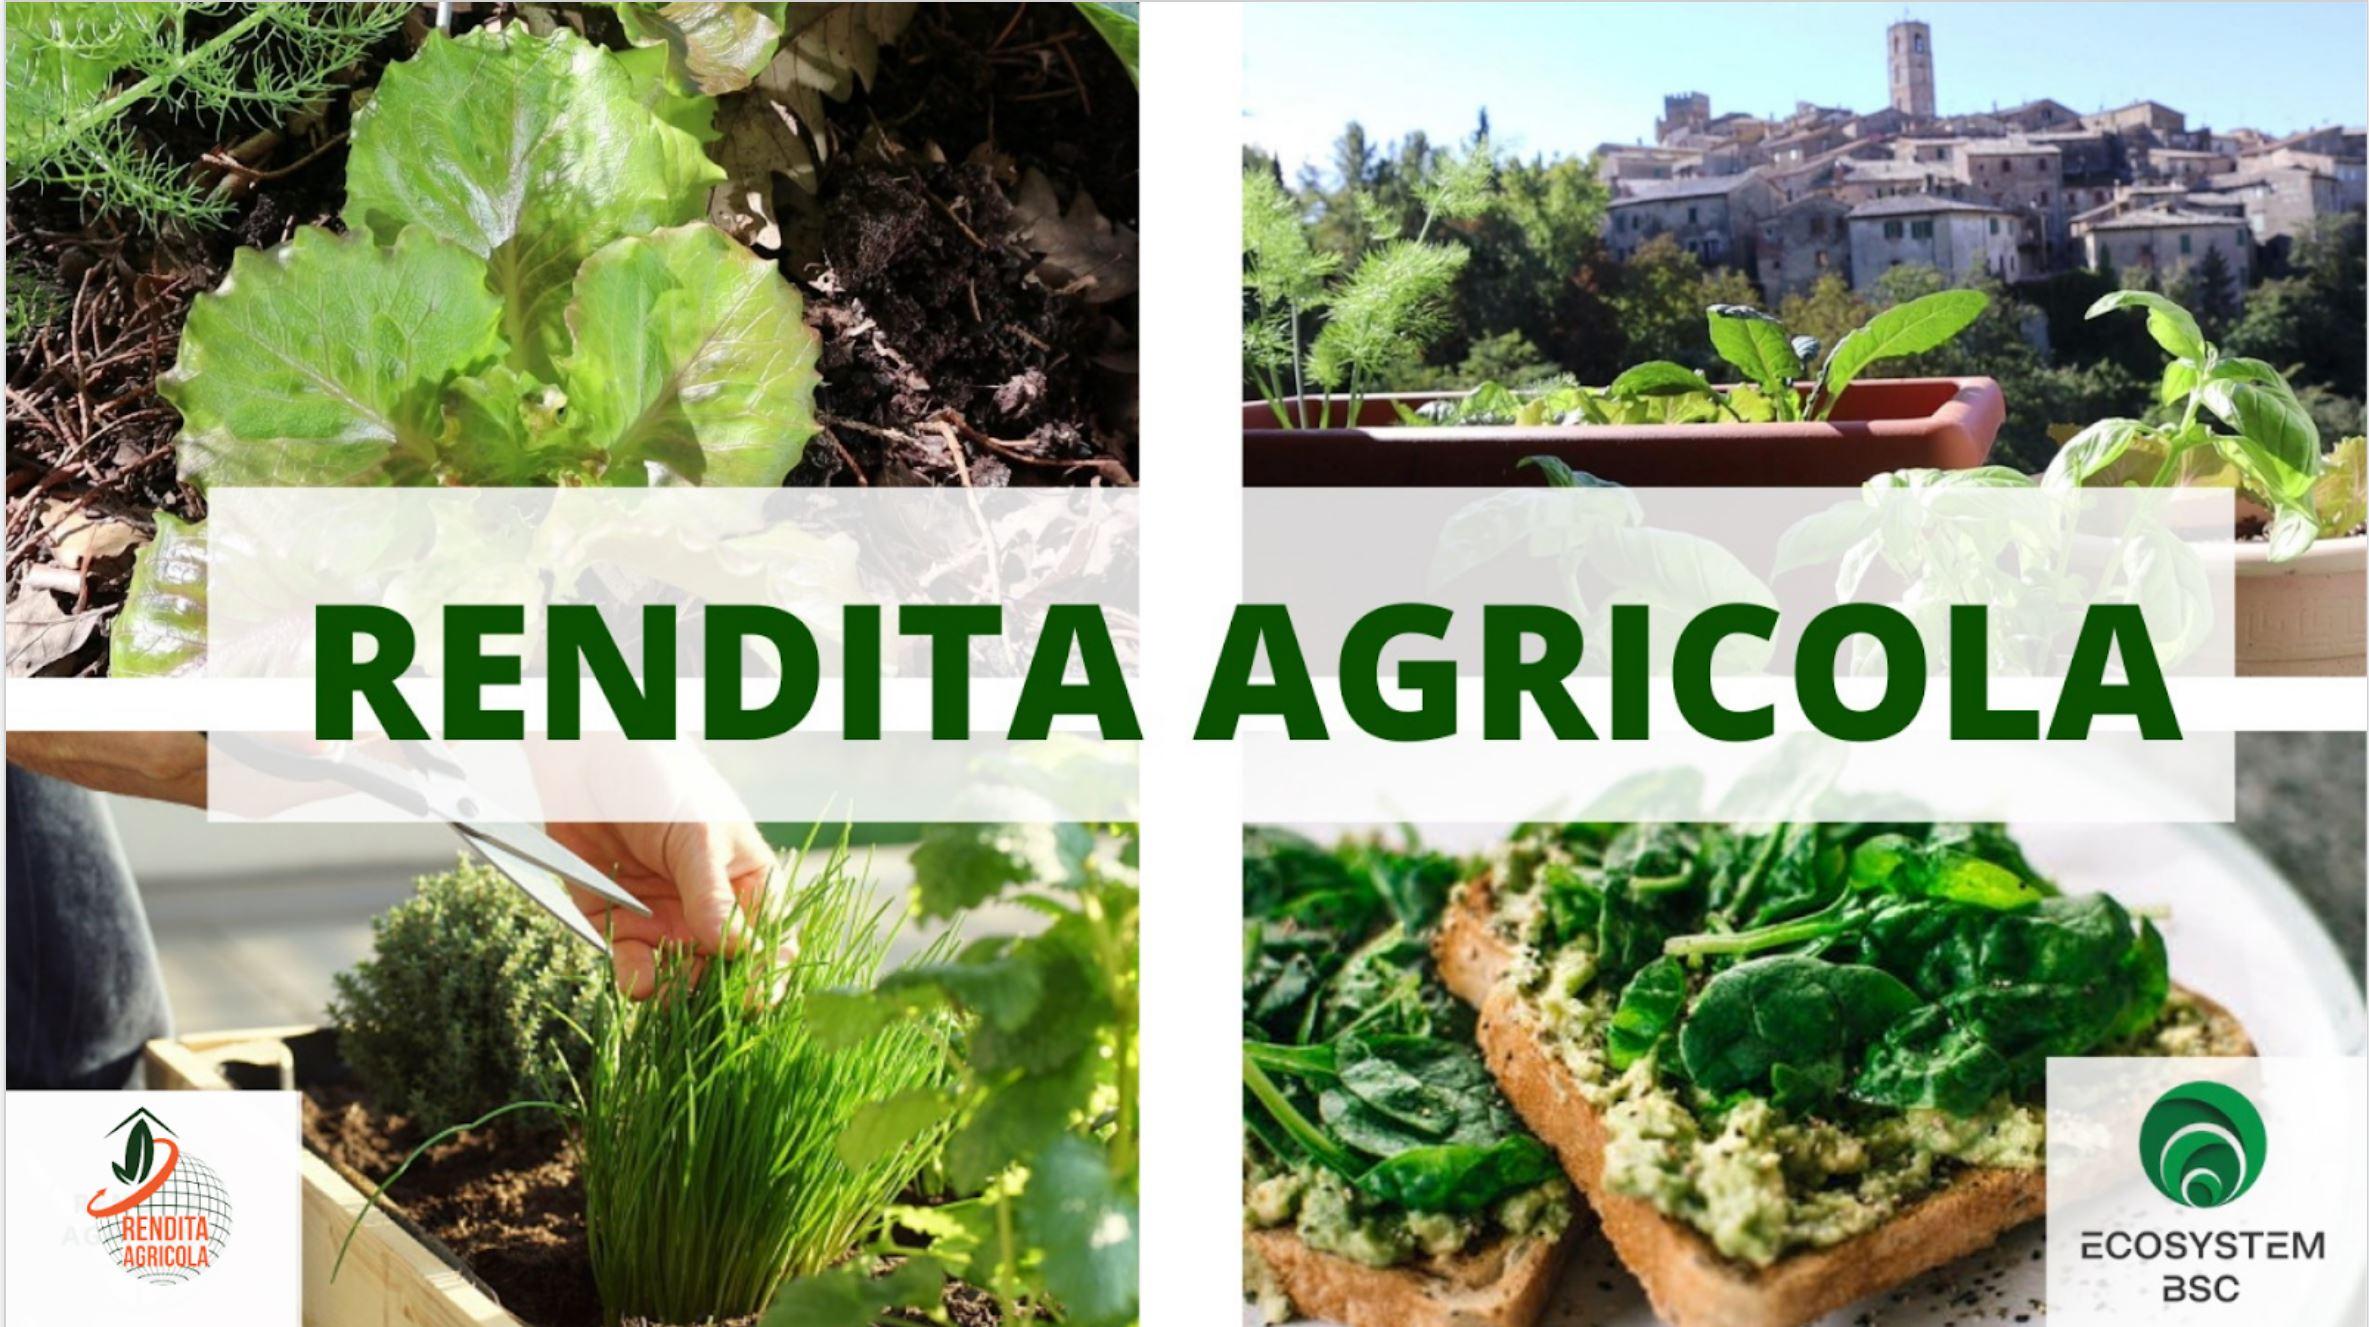 Rendita Agricola